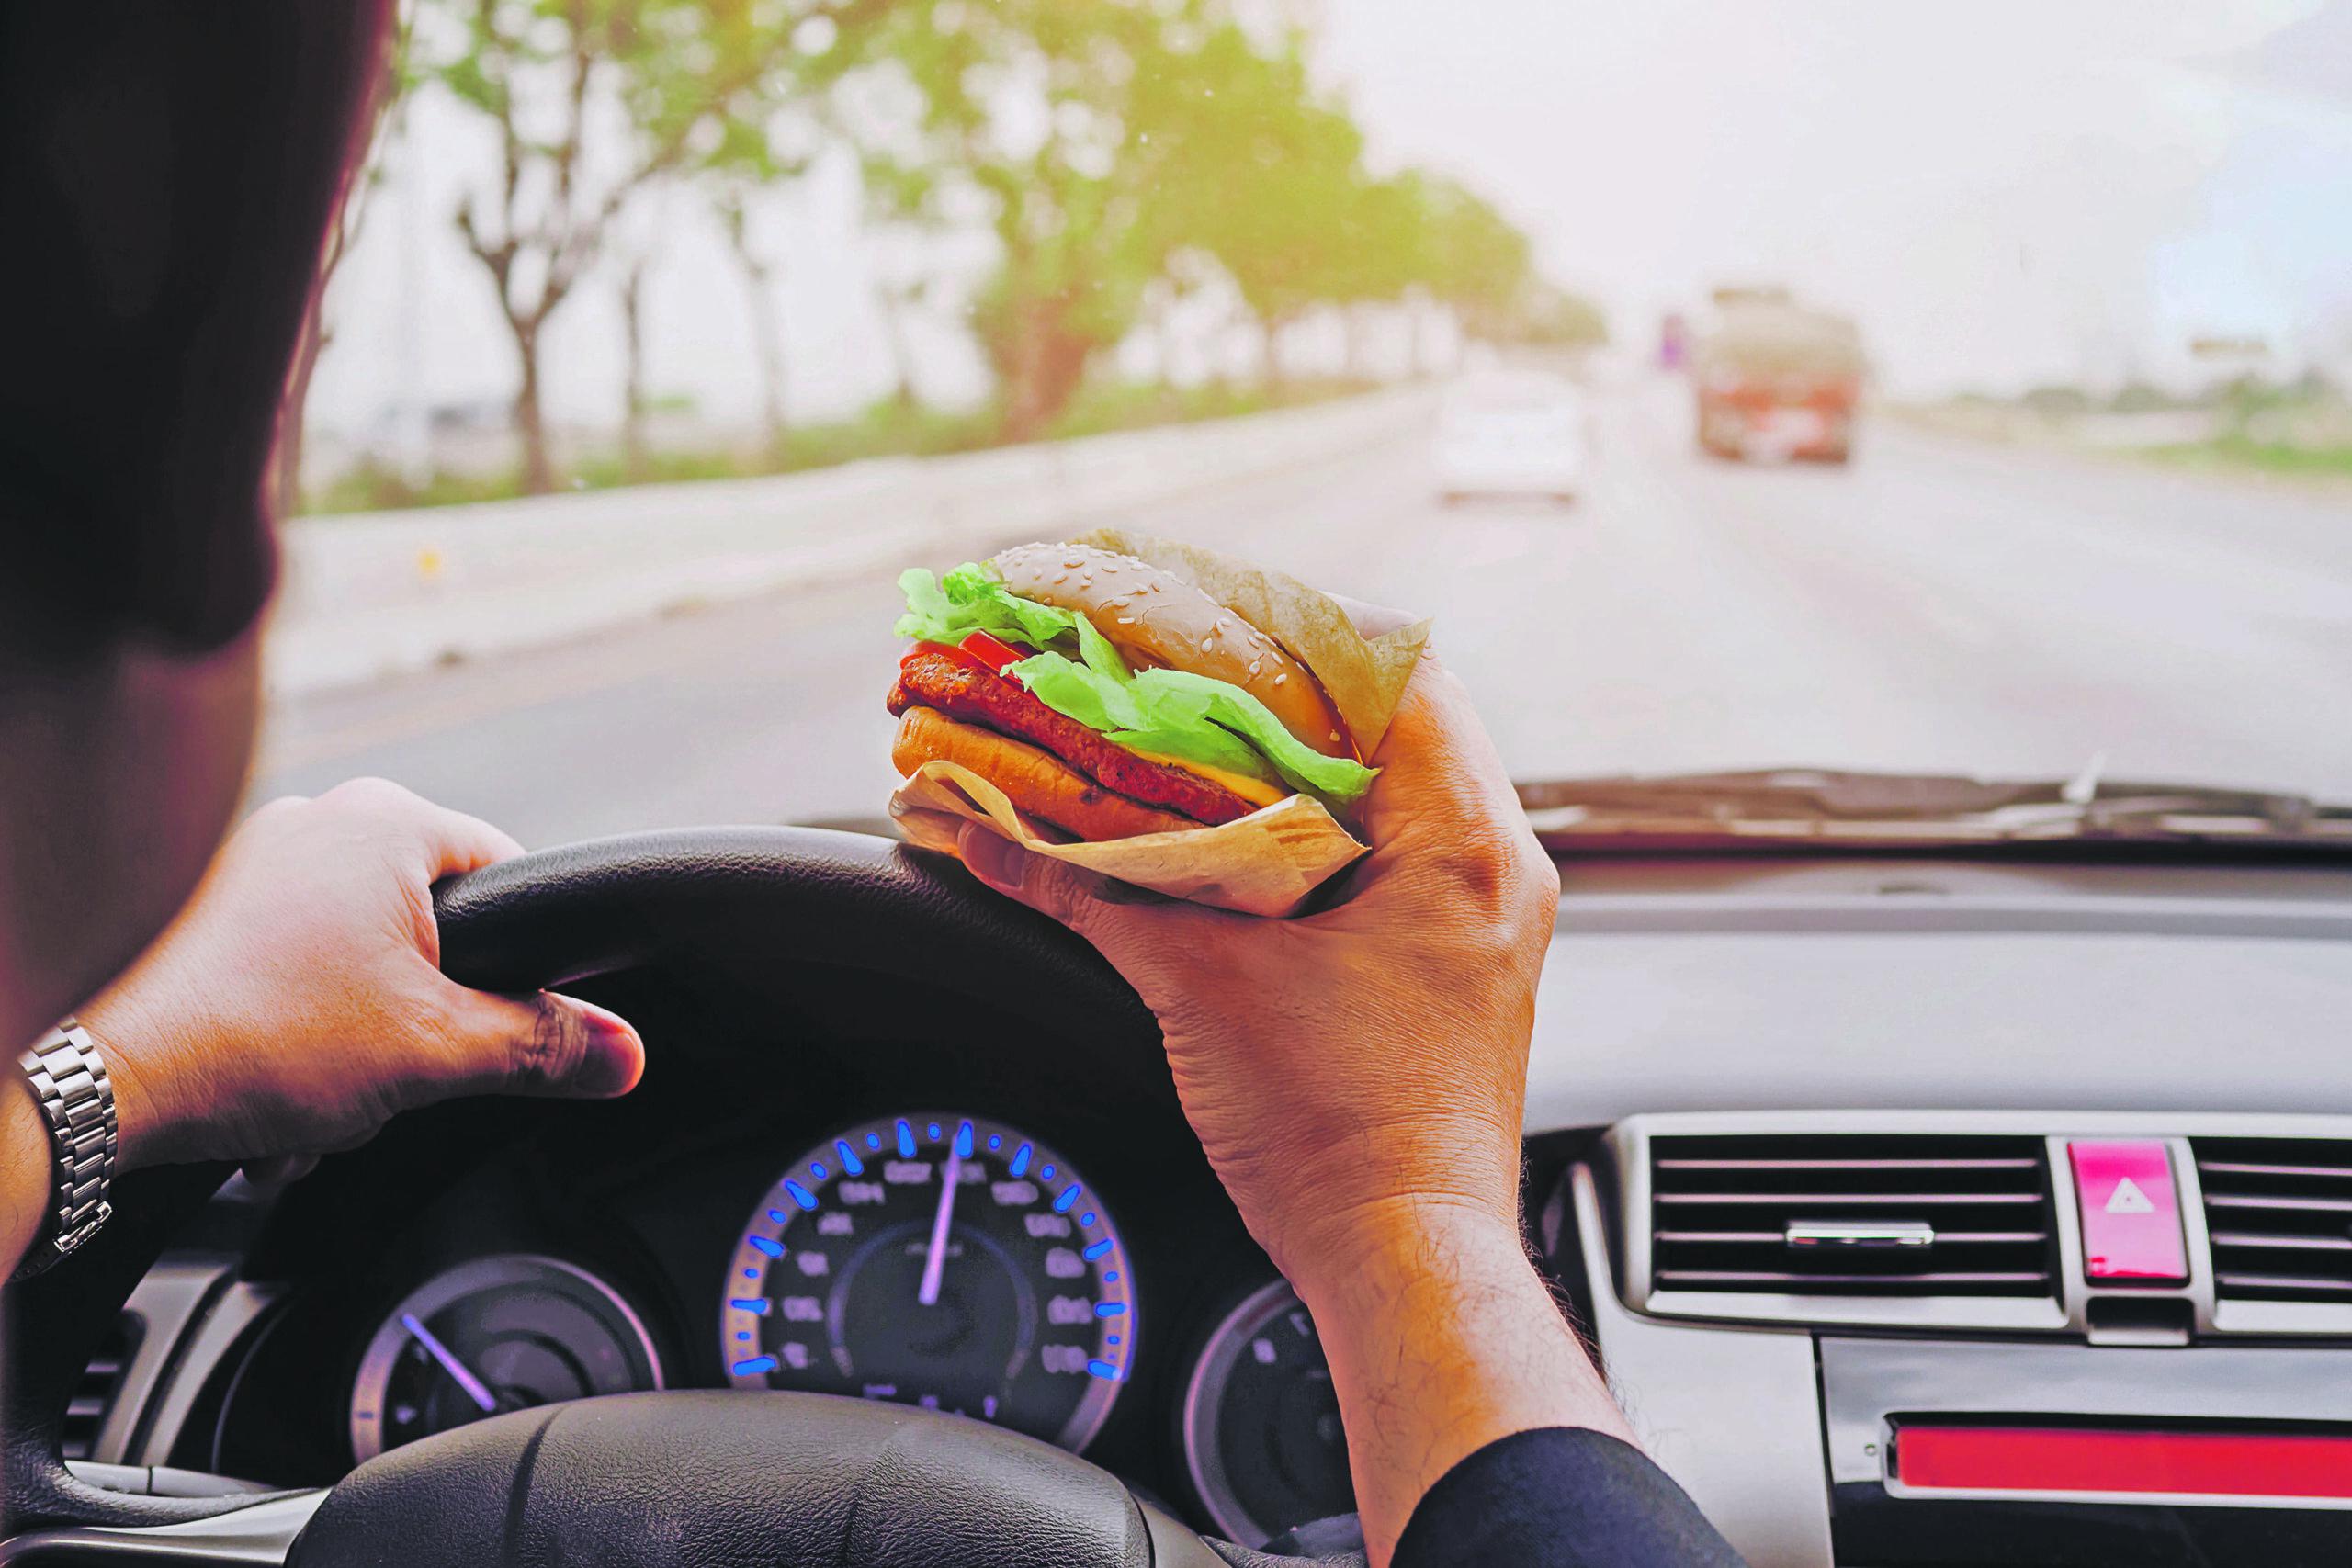 Manger, boire, lire, qu'ai-je le droit de faire au volant?